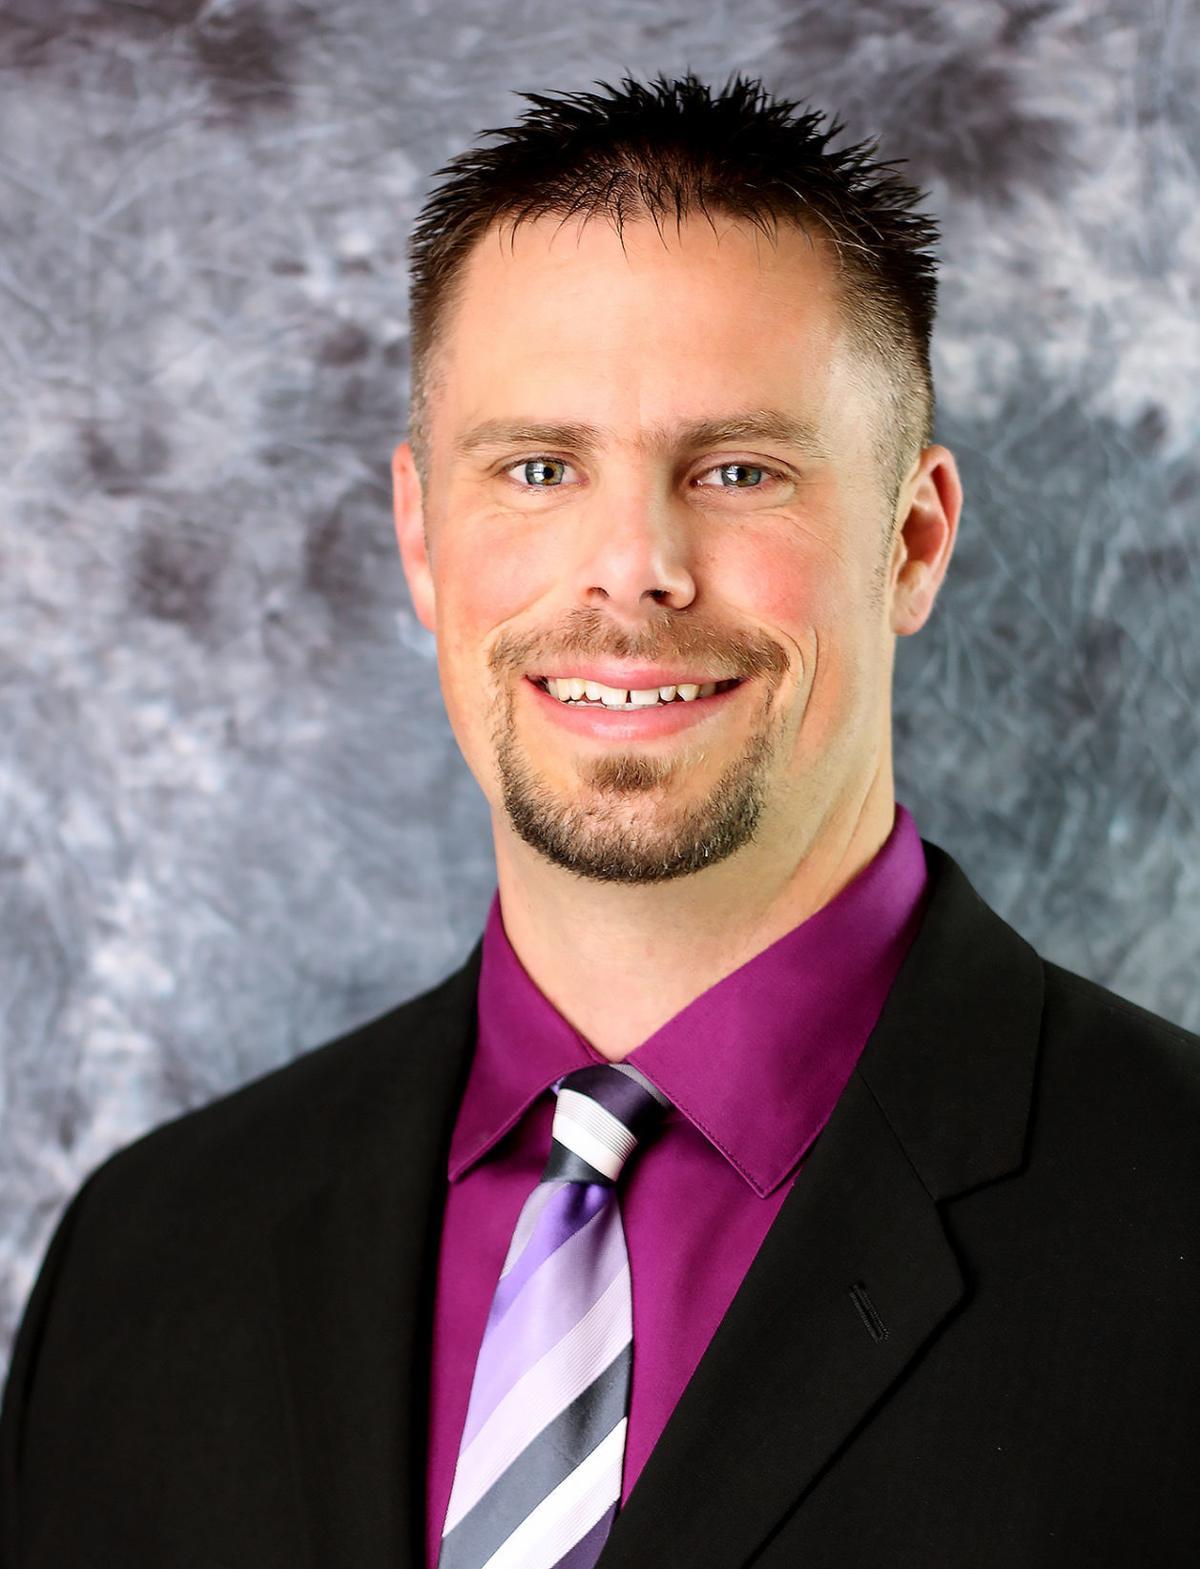 Corey Rasmussen